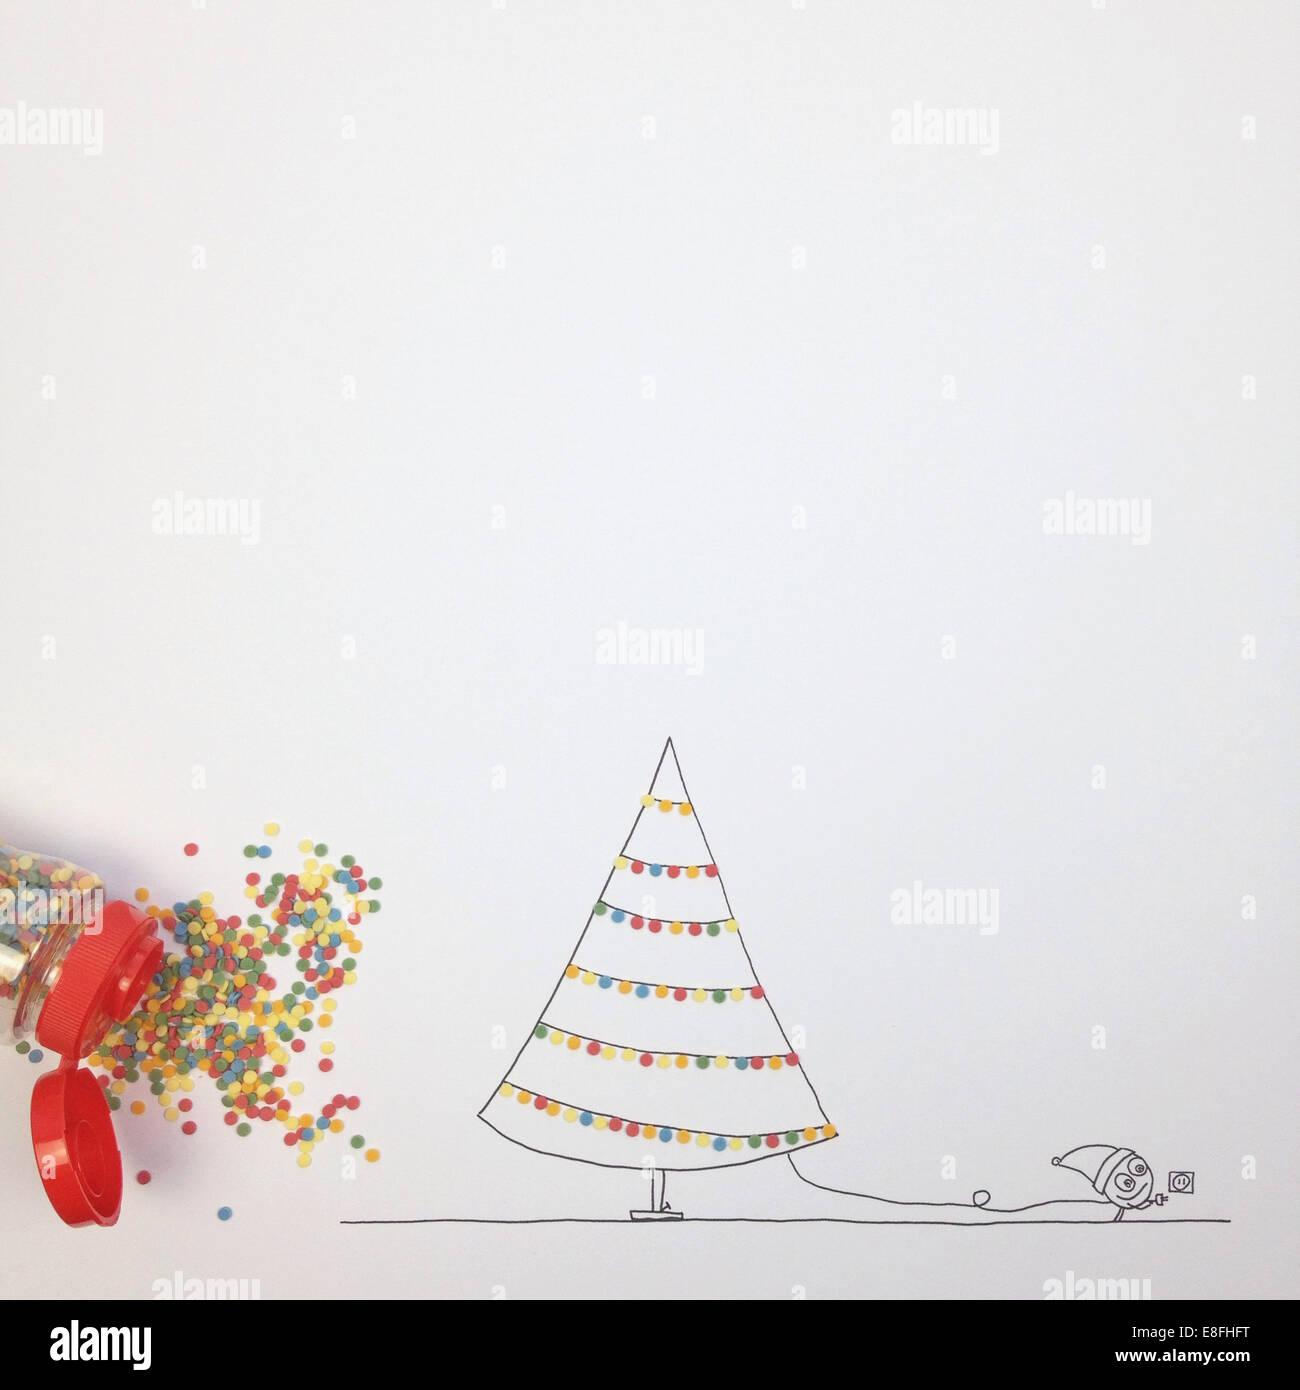 Concettuale personaggio di fantasia decorare albero di Natale con le luci fairy Immagini Stock